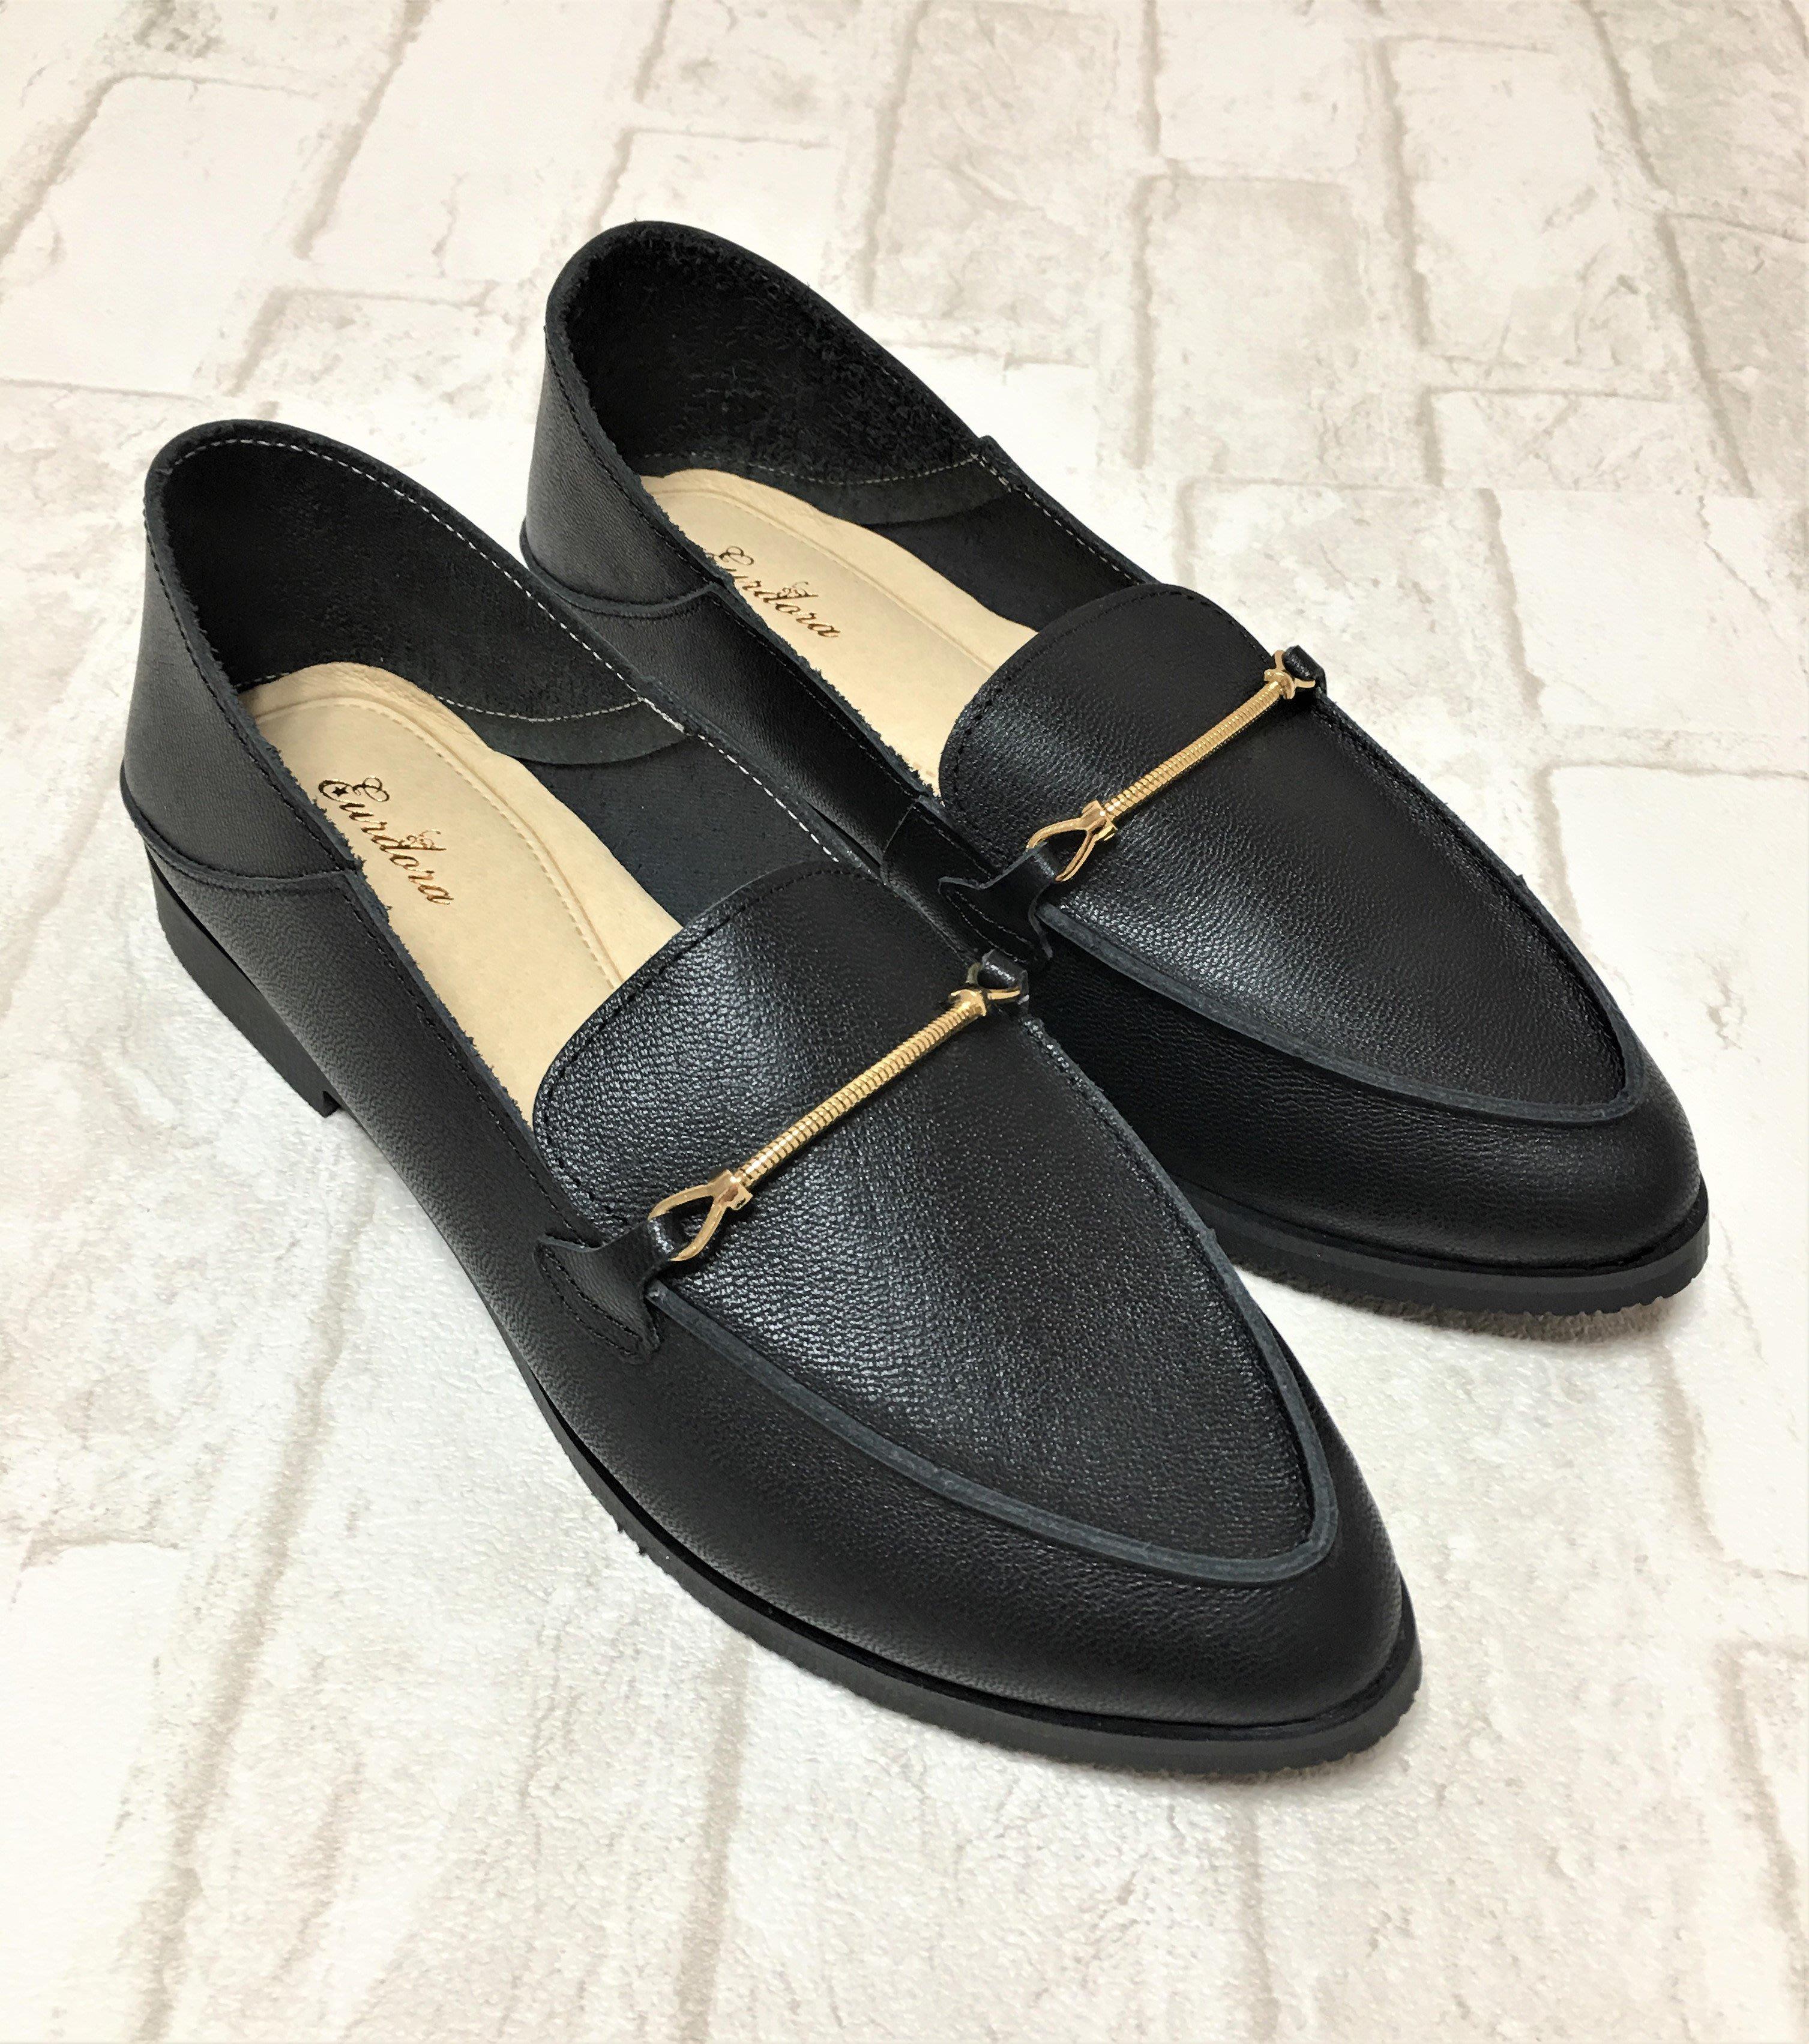 現貨出清~台灣手工製 全真牛皮休閒鞋–黑色 131930-1   米蘭風情